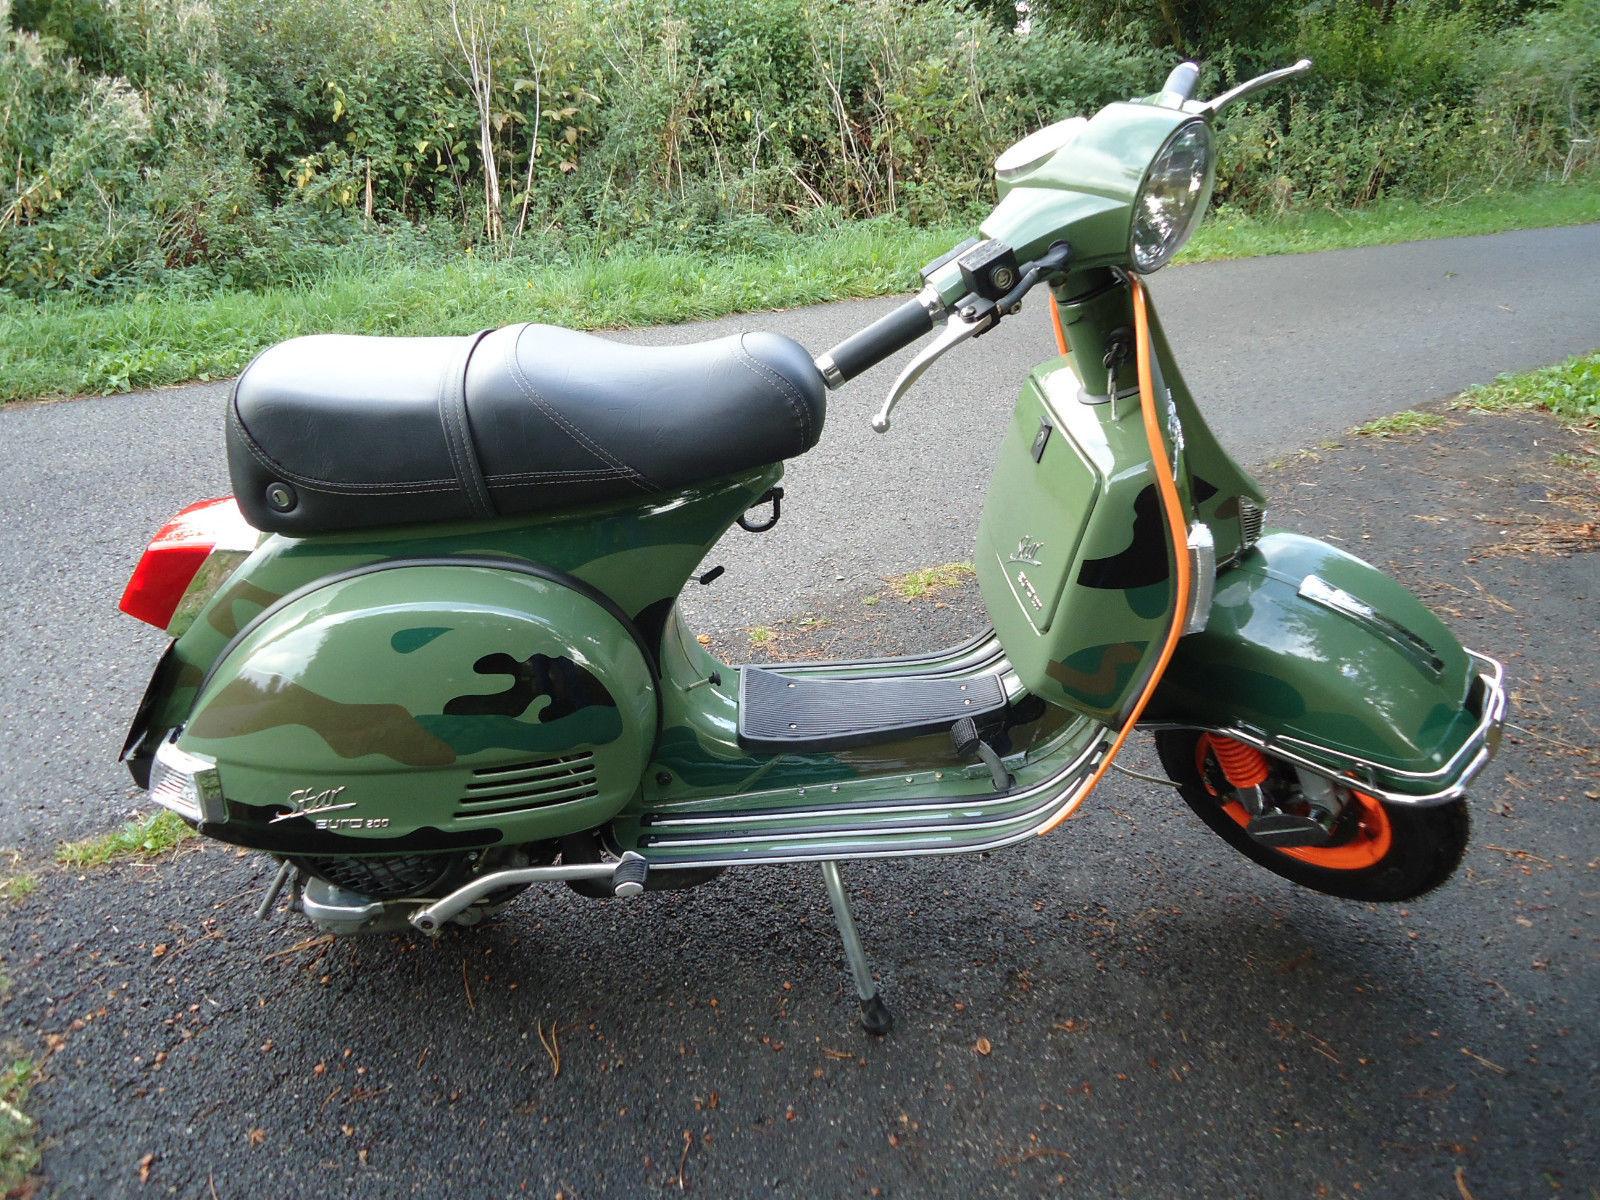 lml 200 star euro scooter special edition not vespa lambretta honda or suzuki. Black Bedroom Furniture Sets. Home Design Ideas